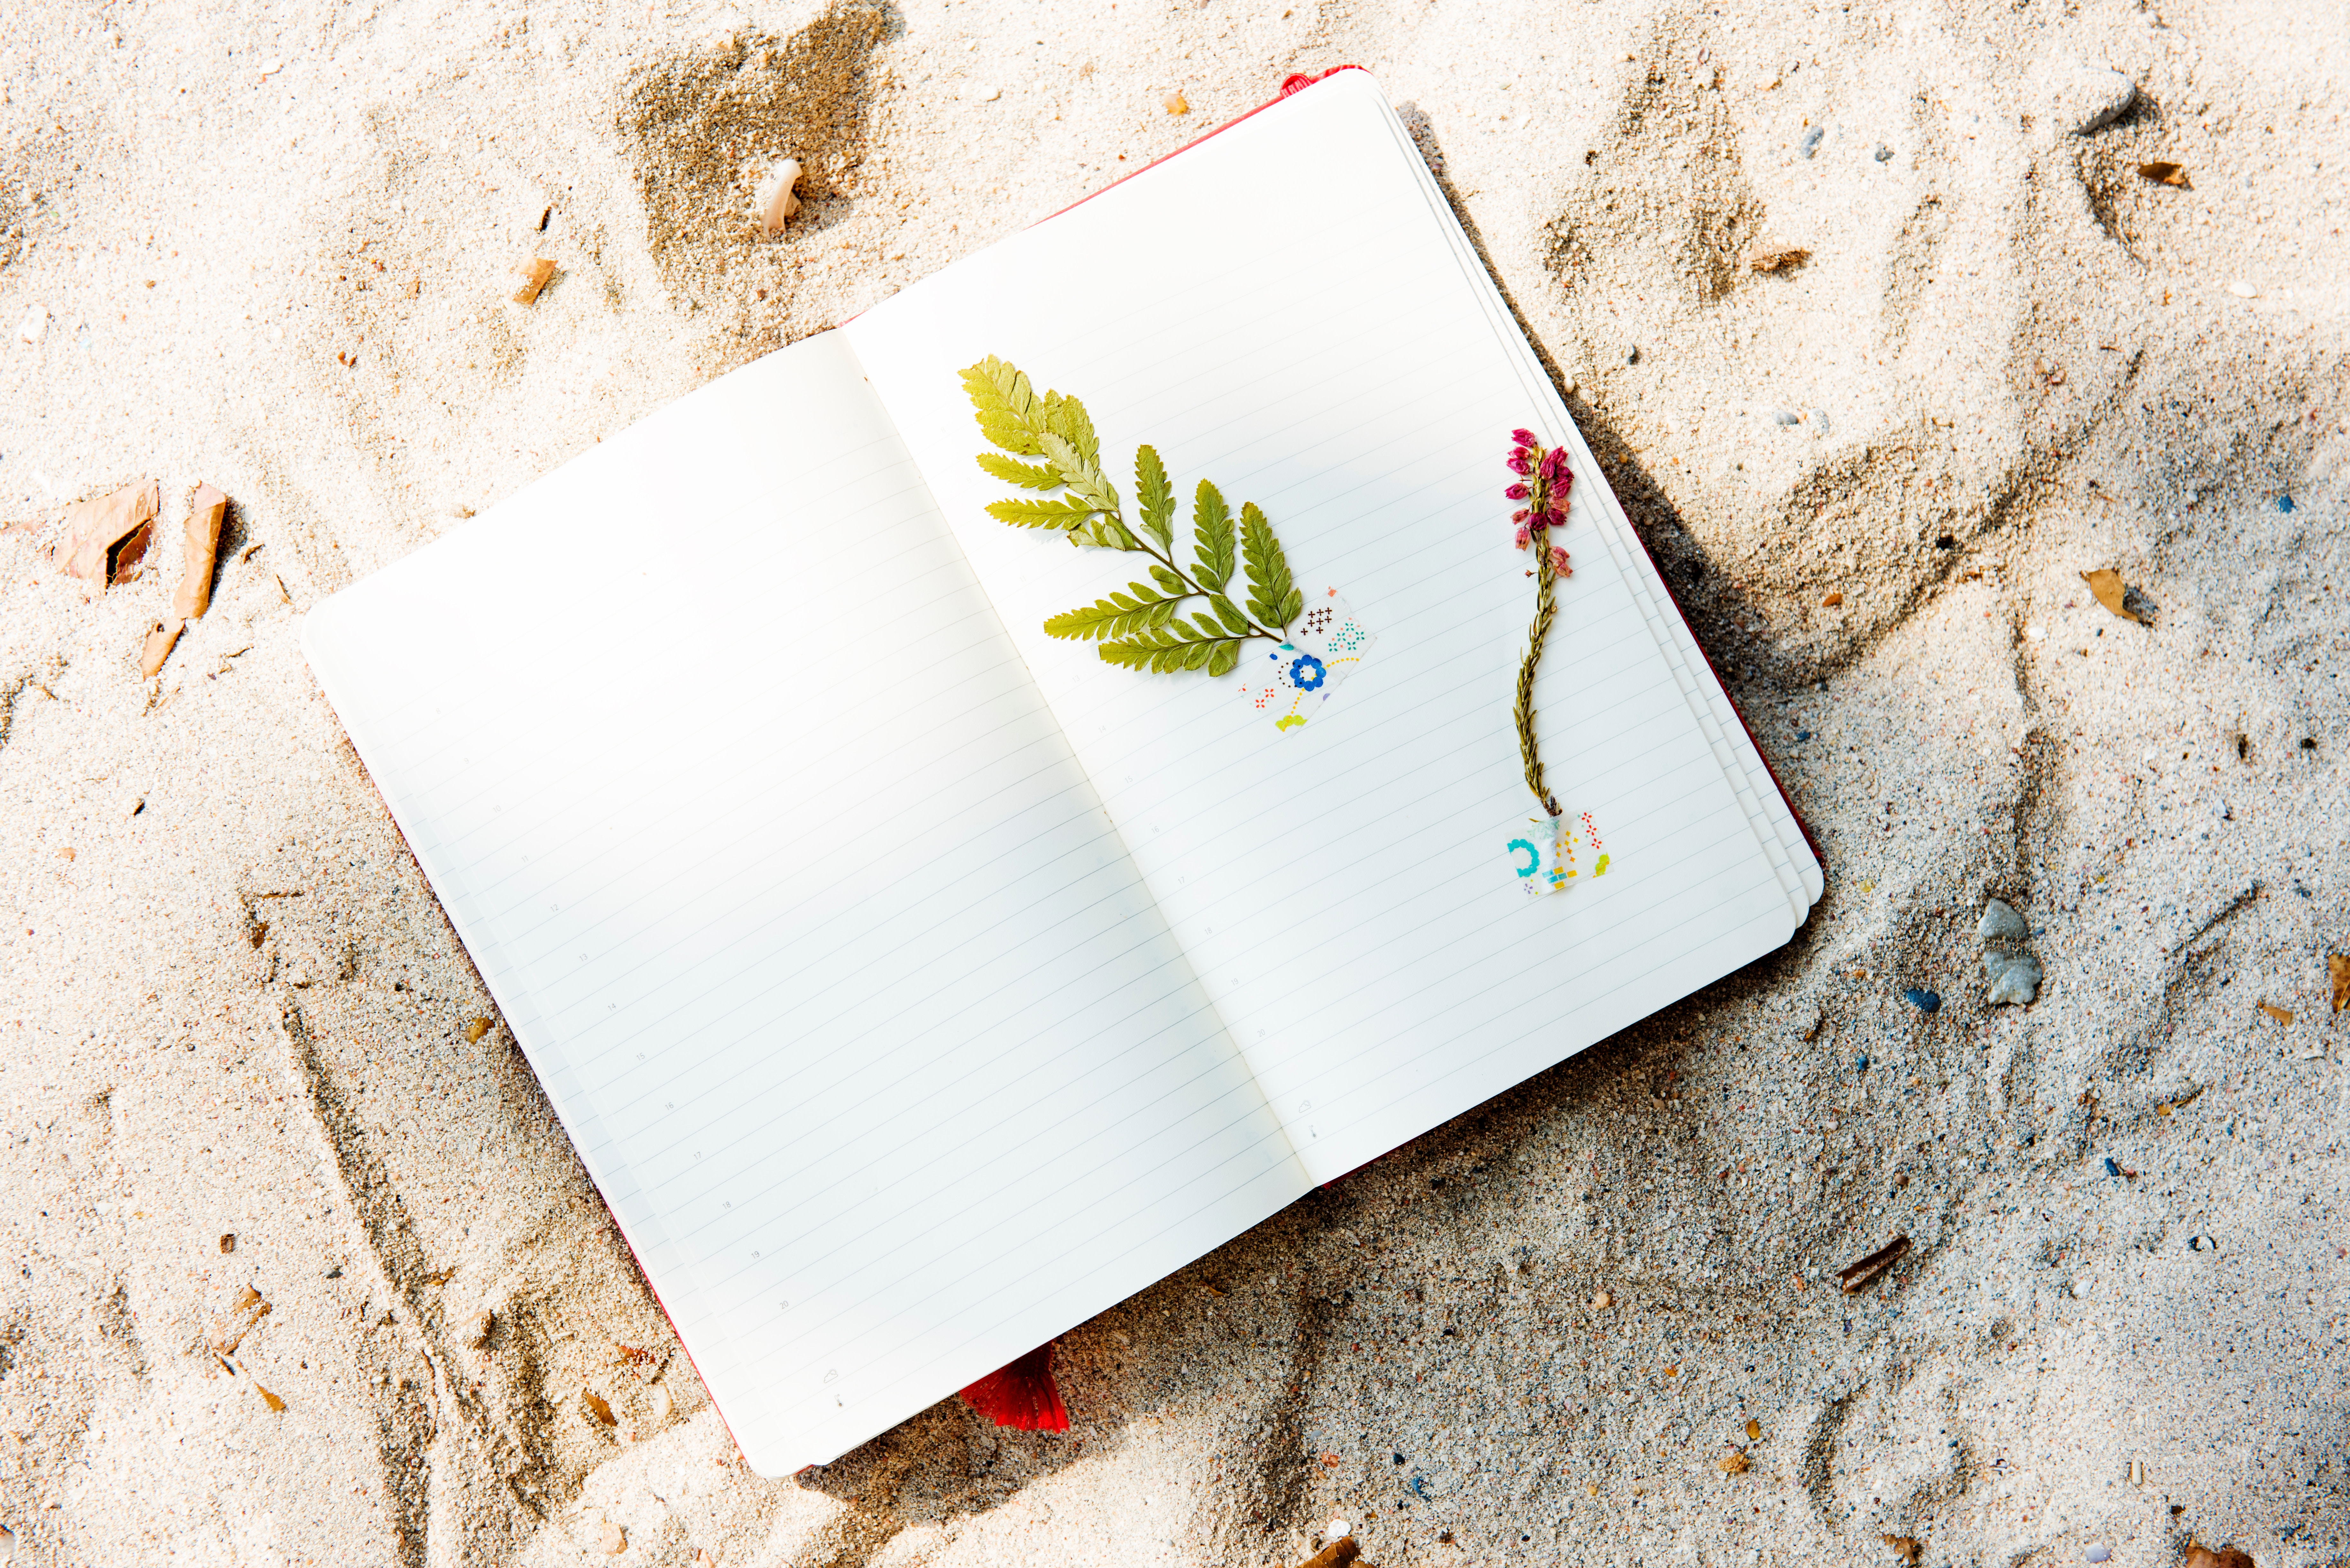 カキモリで世界で一つのノートを作ろう!インクや万年筆など人気アイテムも紹介